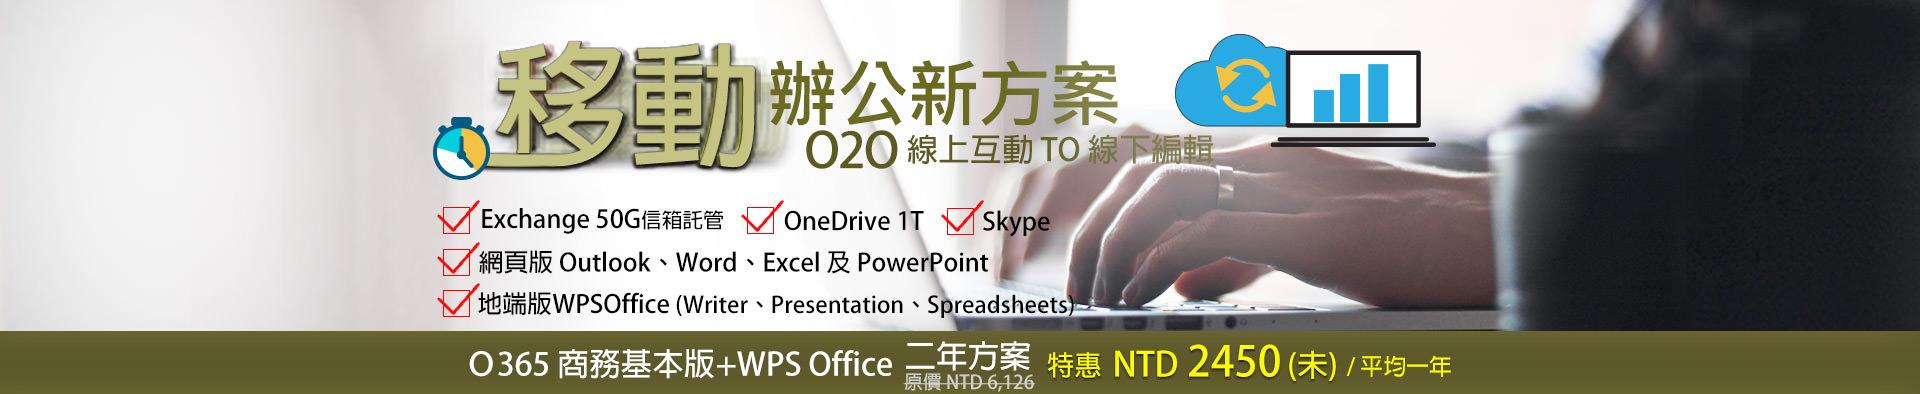 Office 365商務基本版+WPS 二年方案- WPS Office ∣ 繁體中文∣ 官方網站